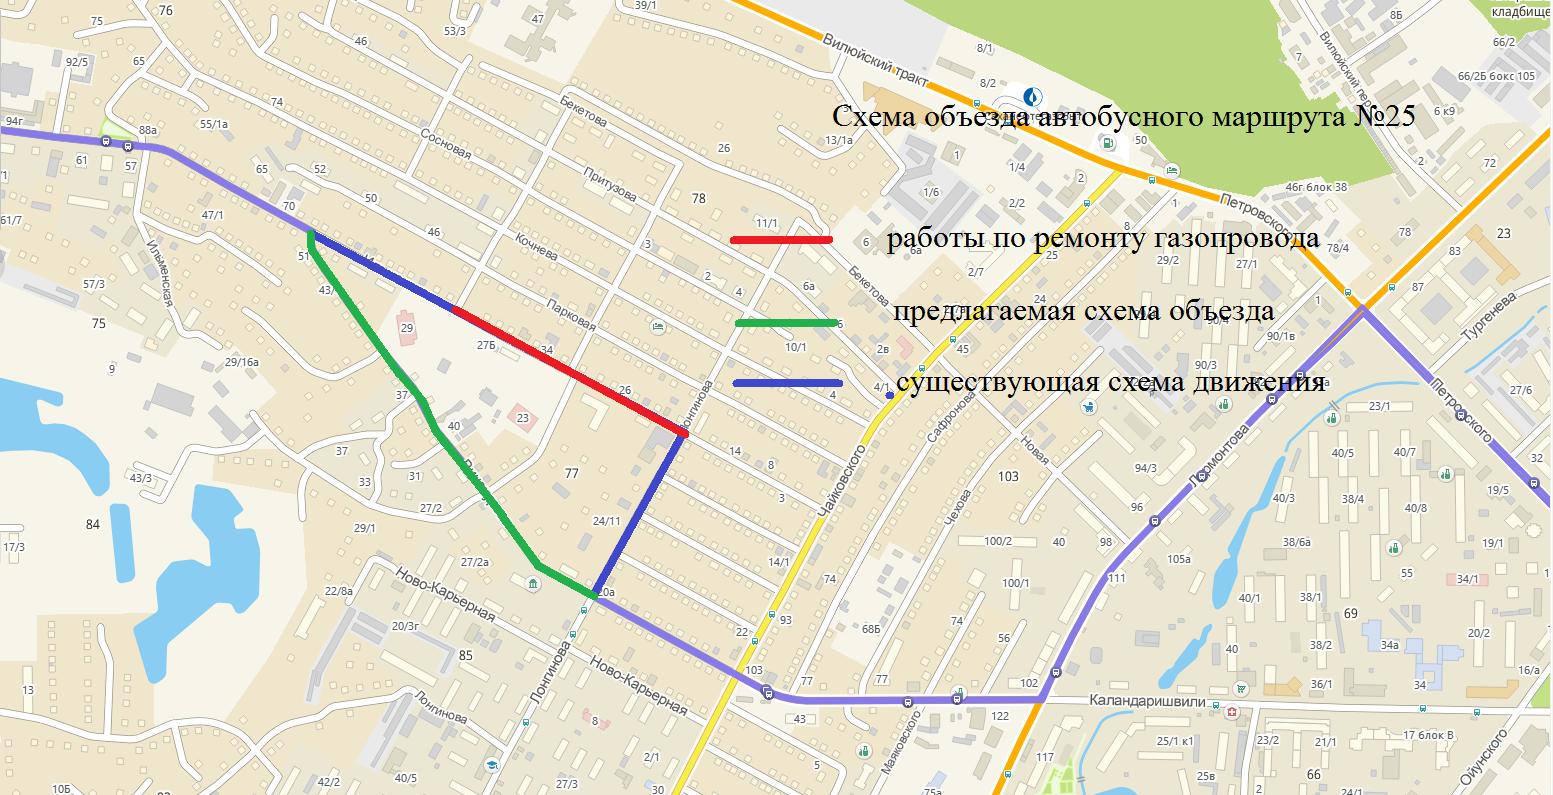 О временном перекрытии улицы Ильменская с 22 марта. Схемы объезда автобусов